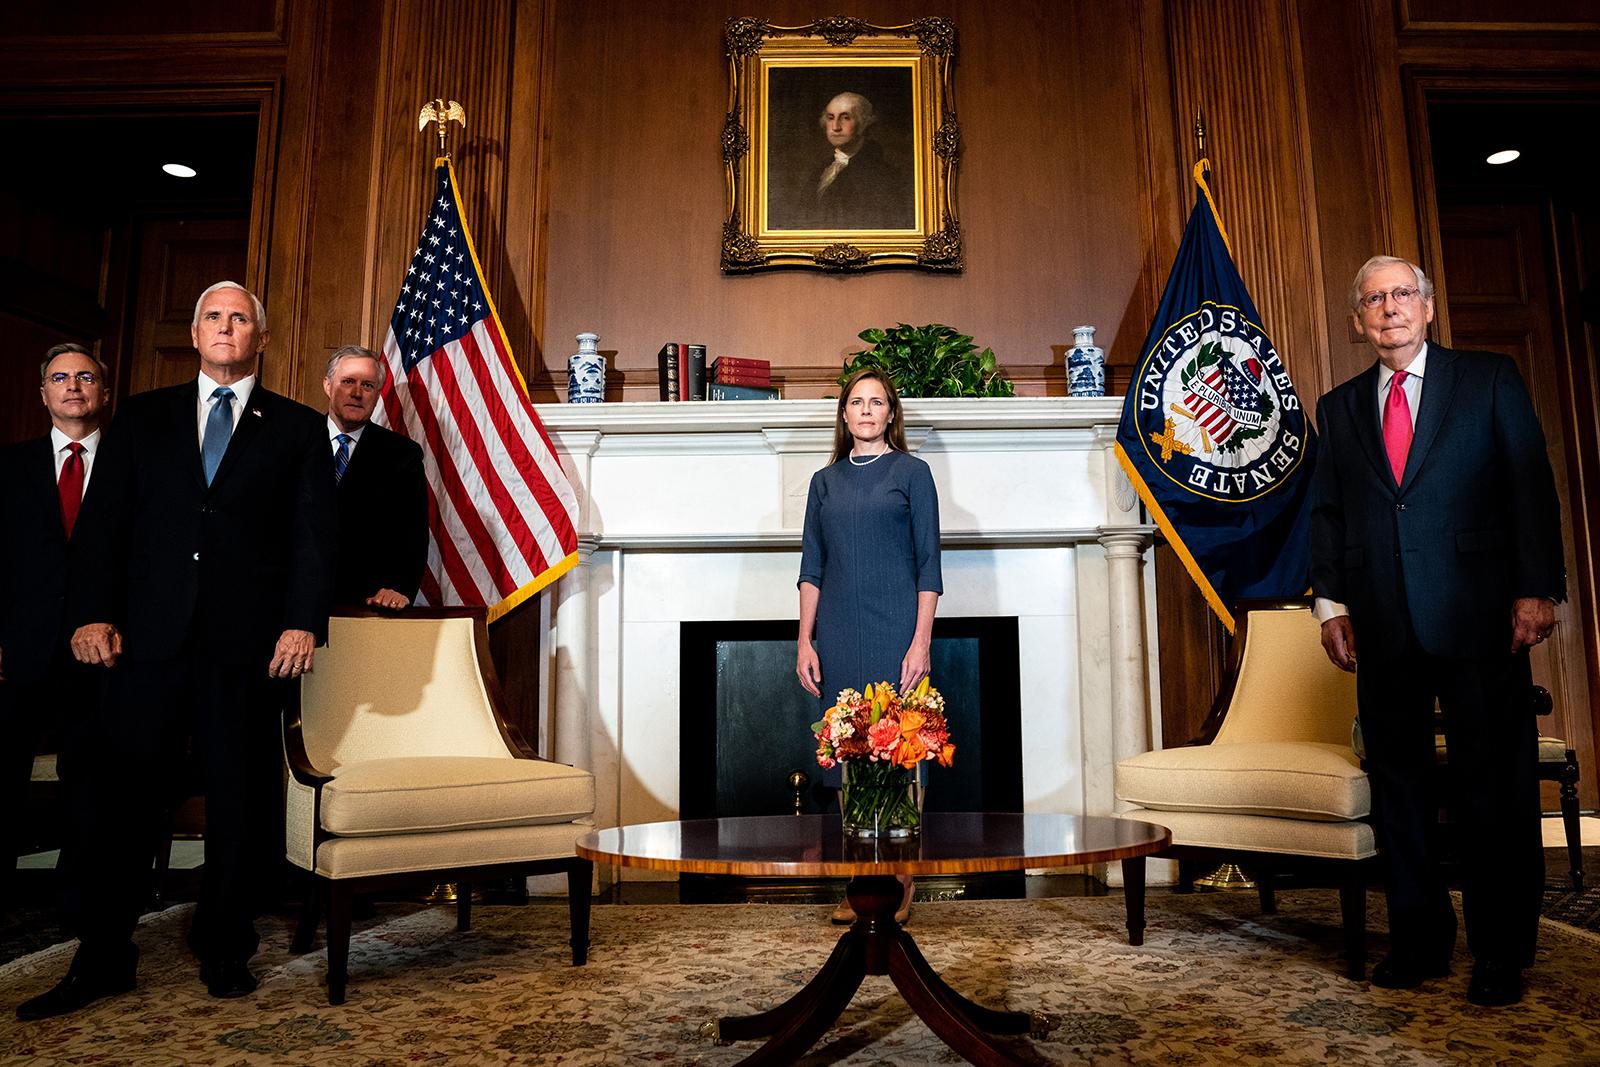 Susan Walsh/Pool/AFP/Getty Images